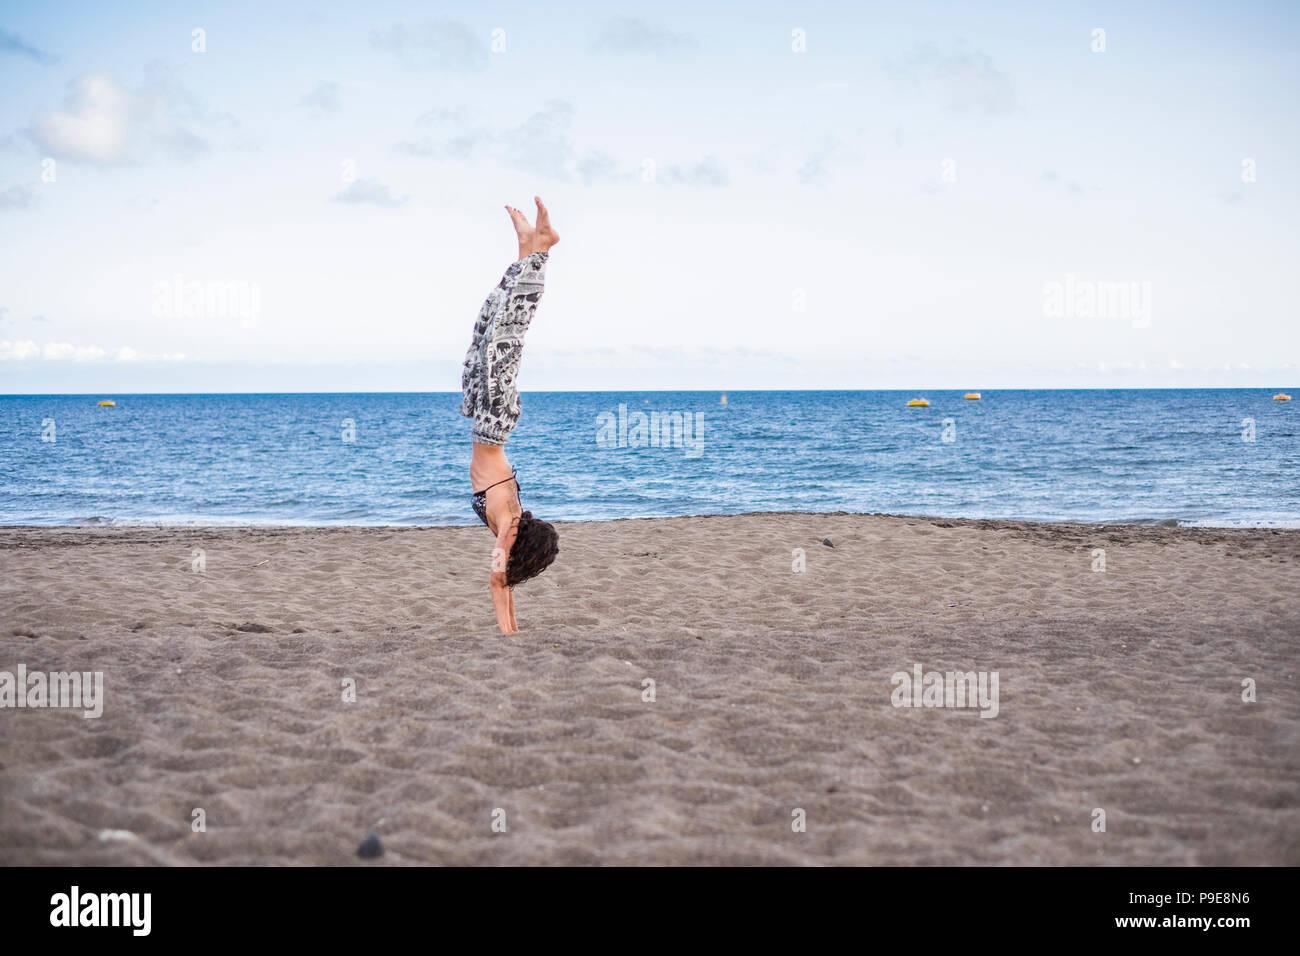 Bastante agradable chica caucásica de pie sobre la mano que está en la playa, en la actividad de ocio al aire libre en verano. El océano en el backgorund. disfrutando de la vida y el equilibrio Imagen De Stock